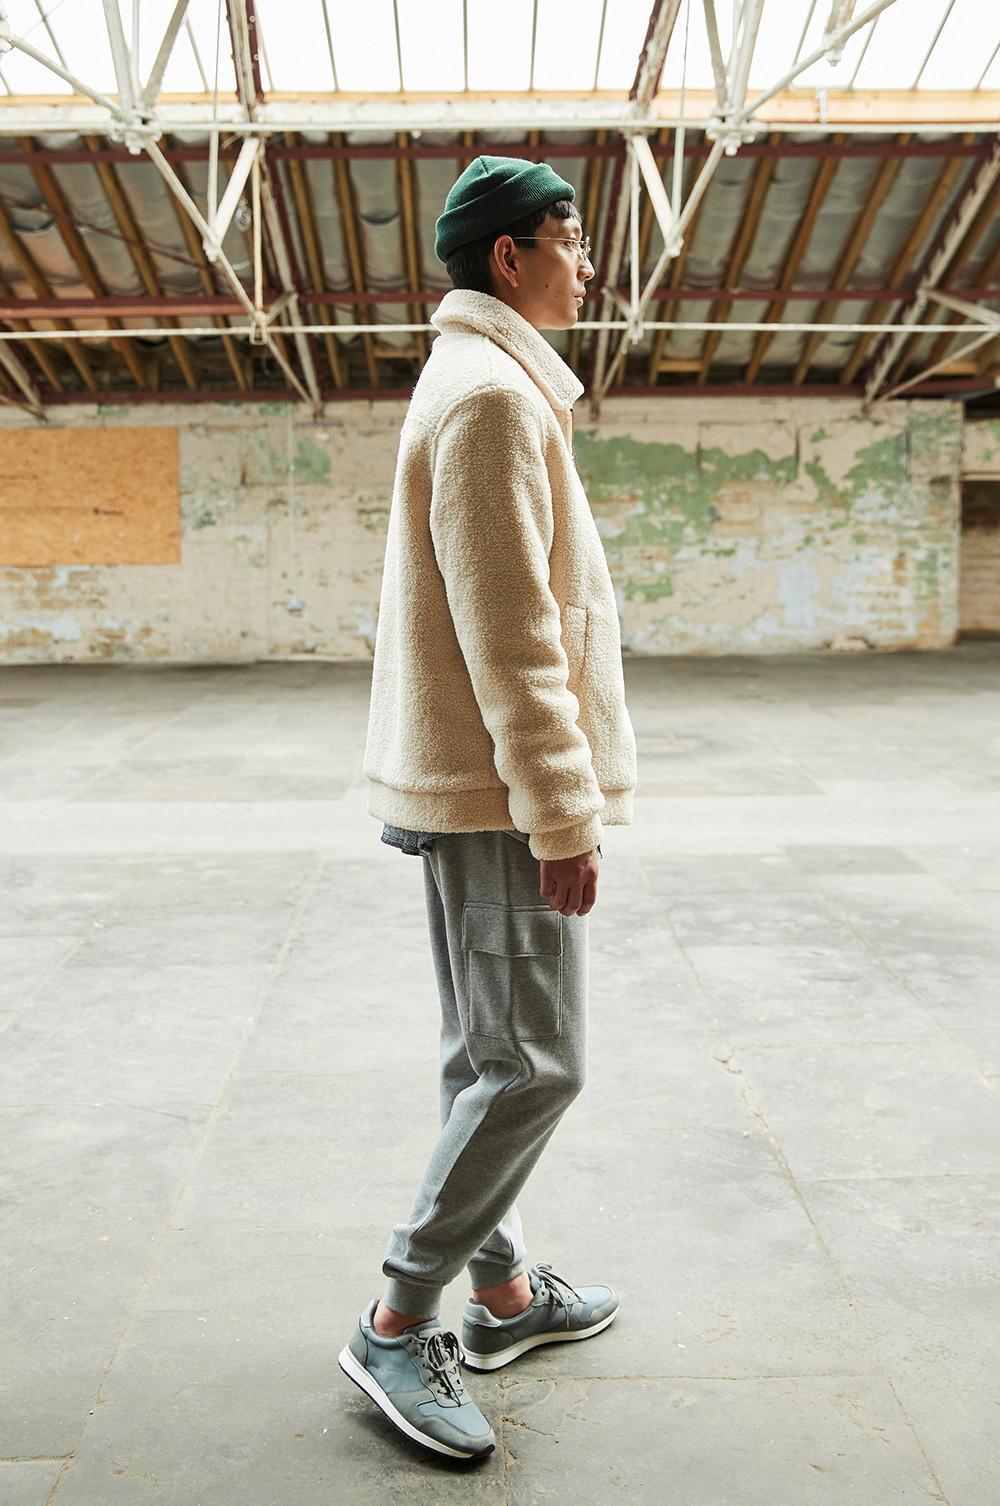 Mannequin portant un pantalon de jogging gris, une veste en borgana, s'éloignant du photographe